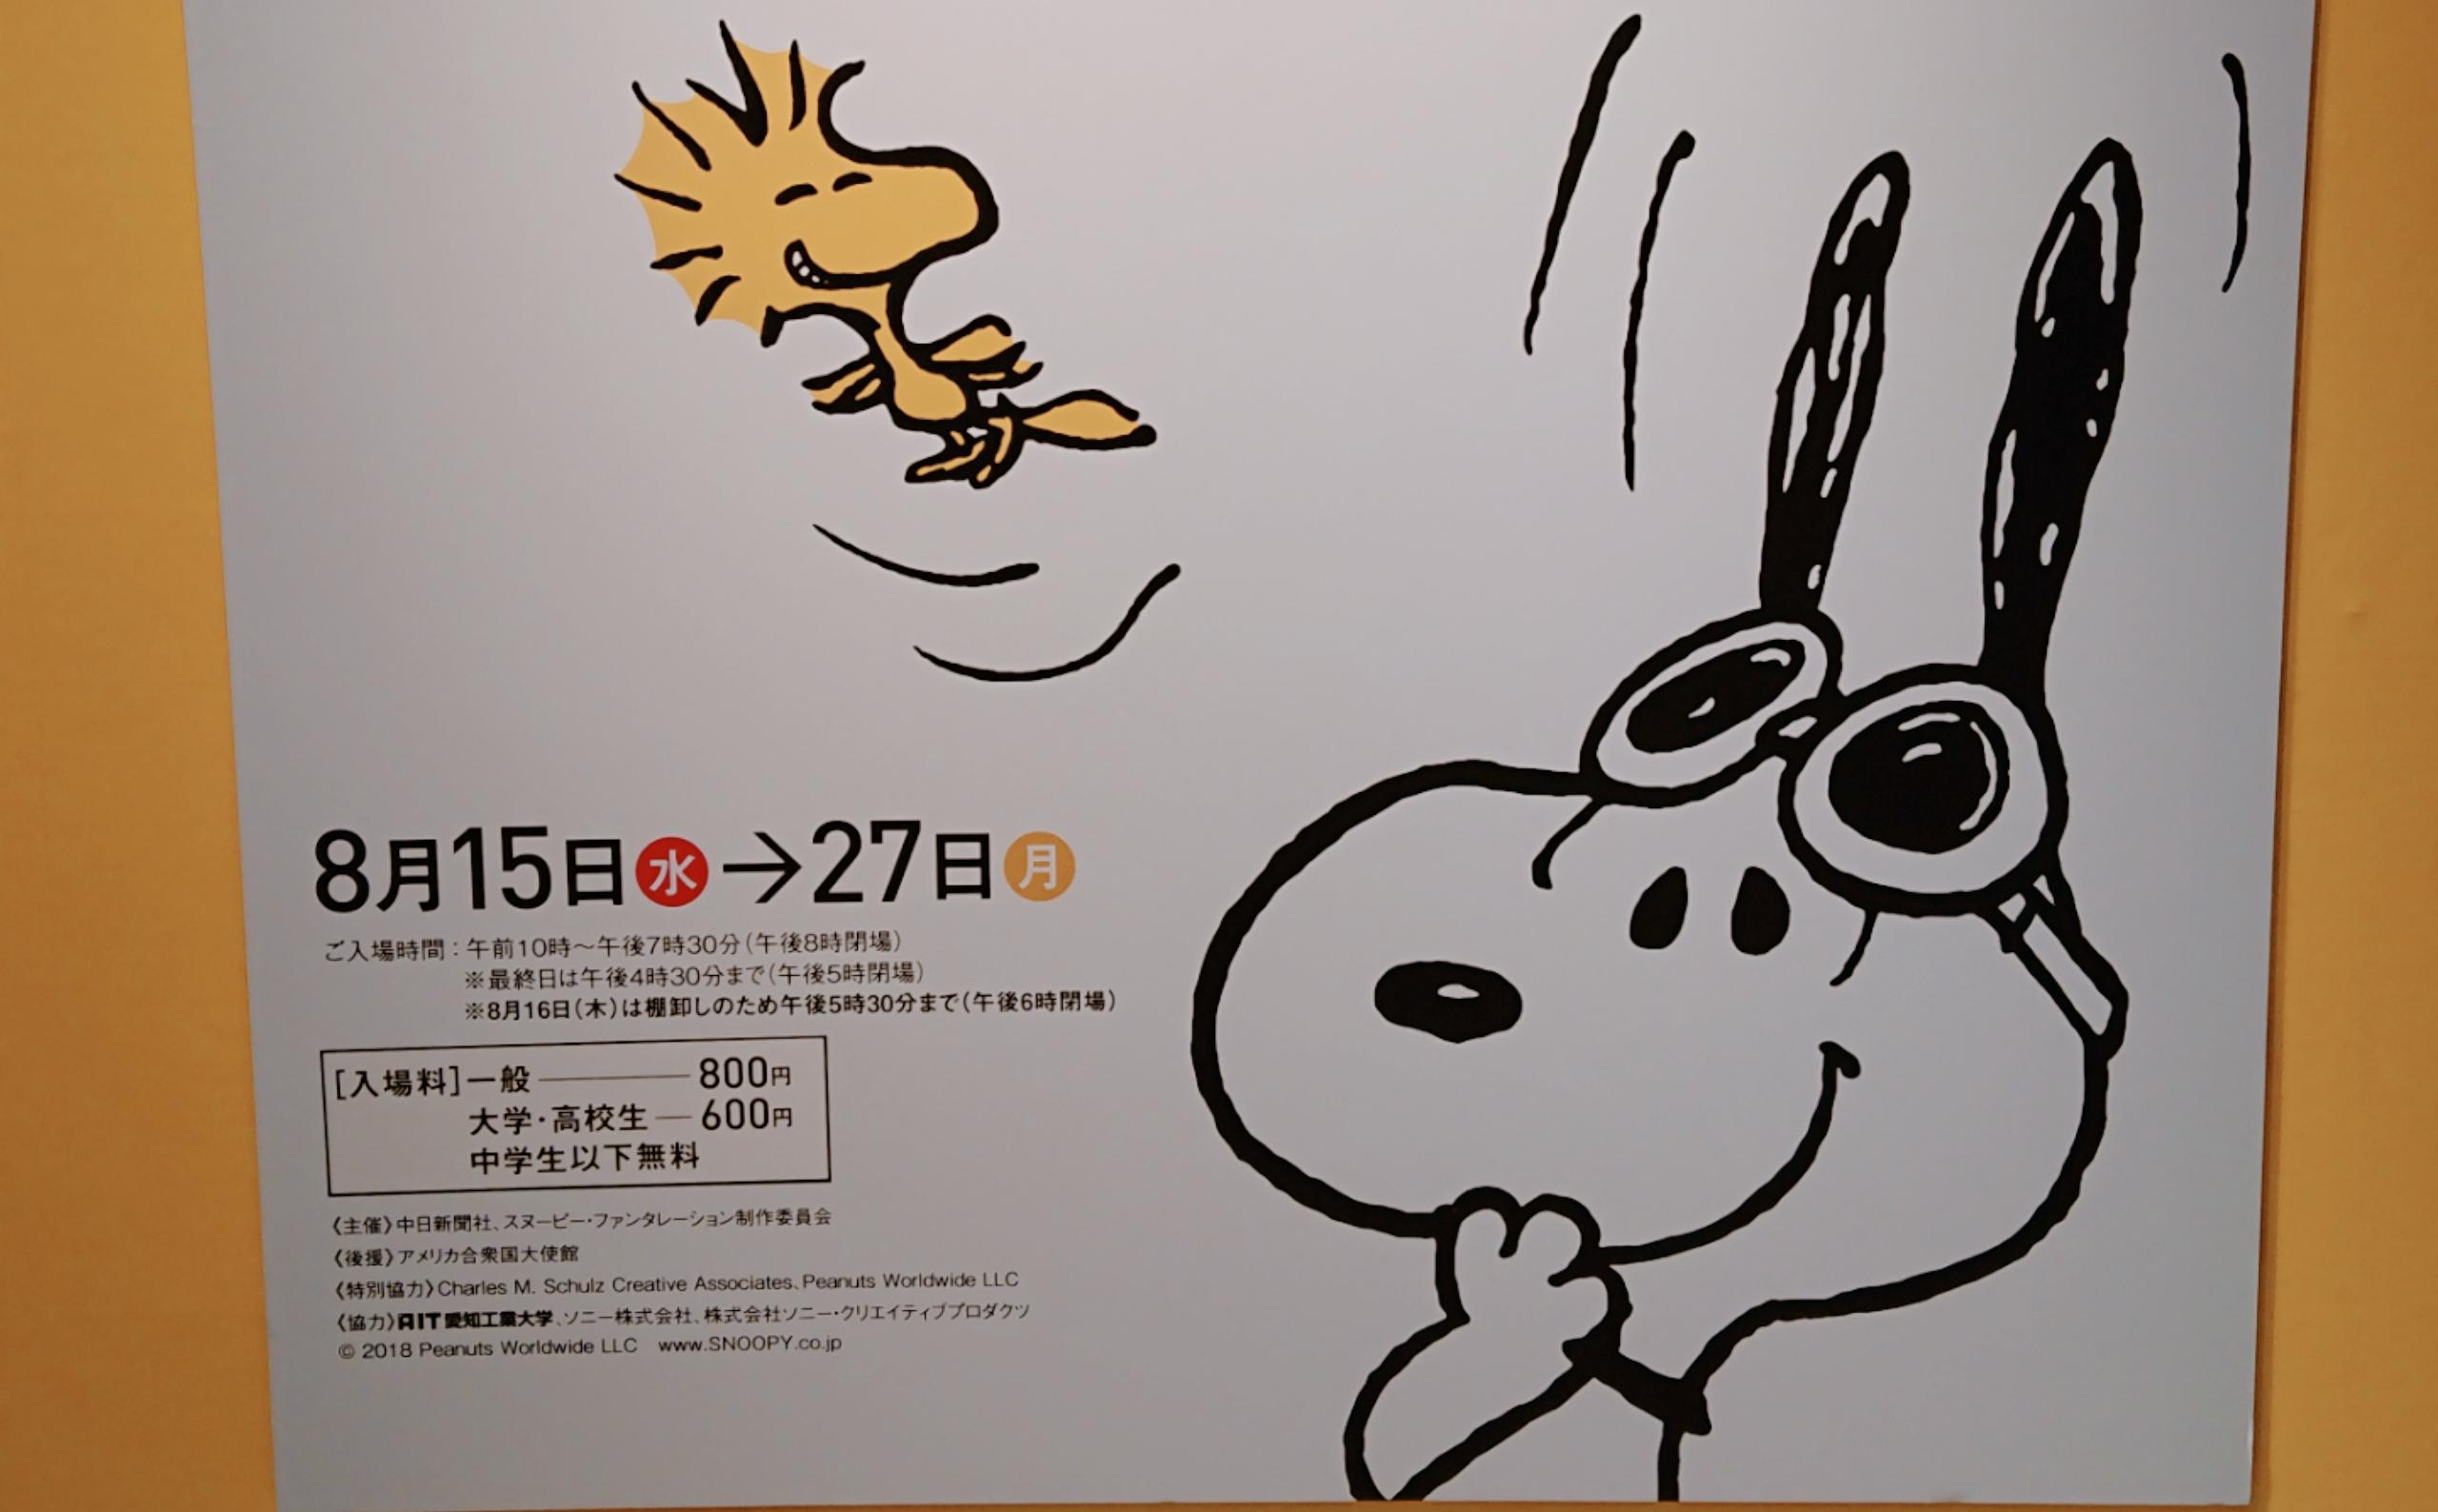 スヌーピーのおもしろサイエンスアート展『スヌーピーファンタレーション』